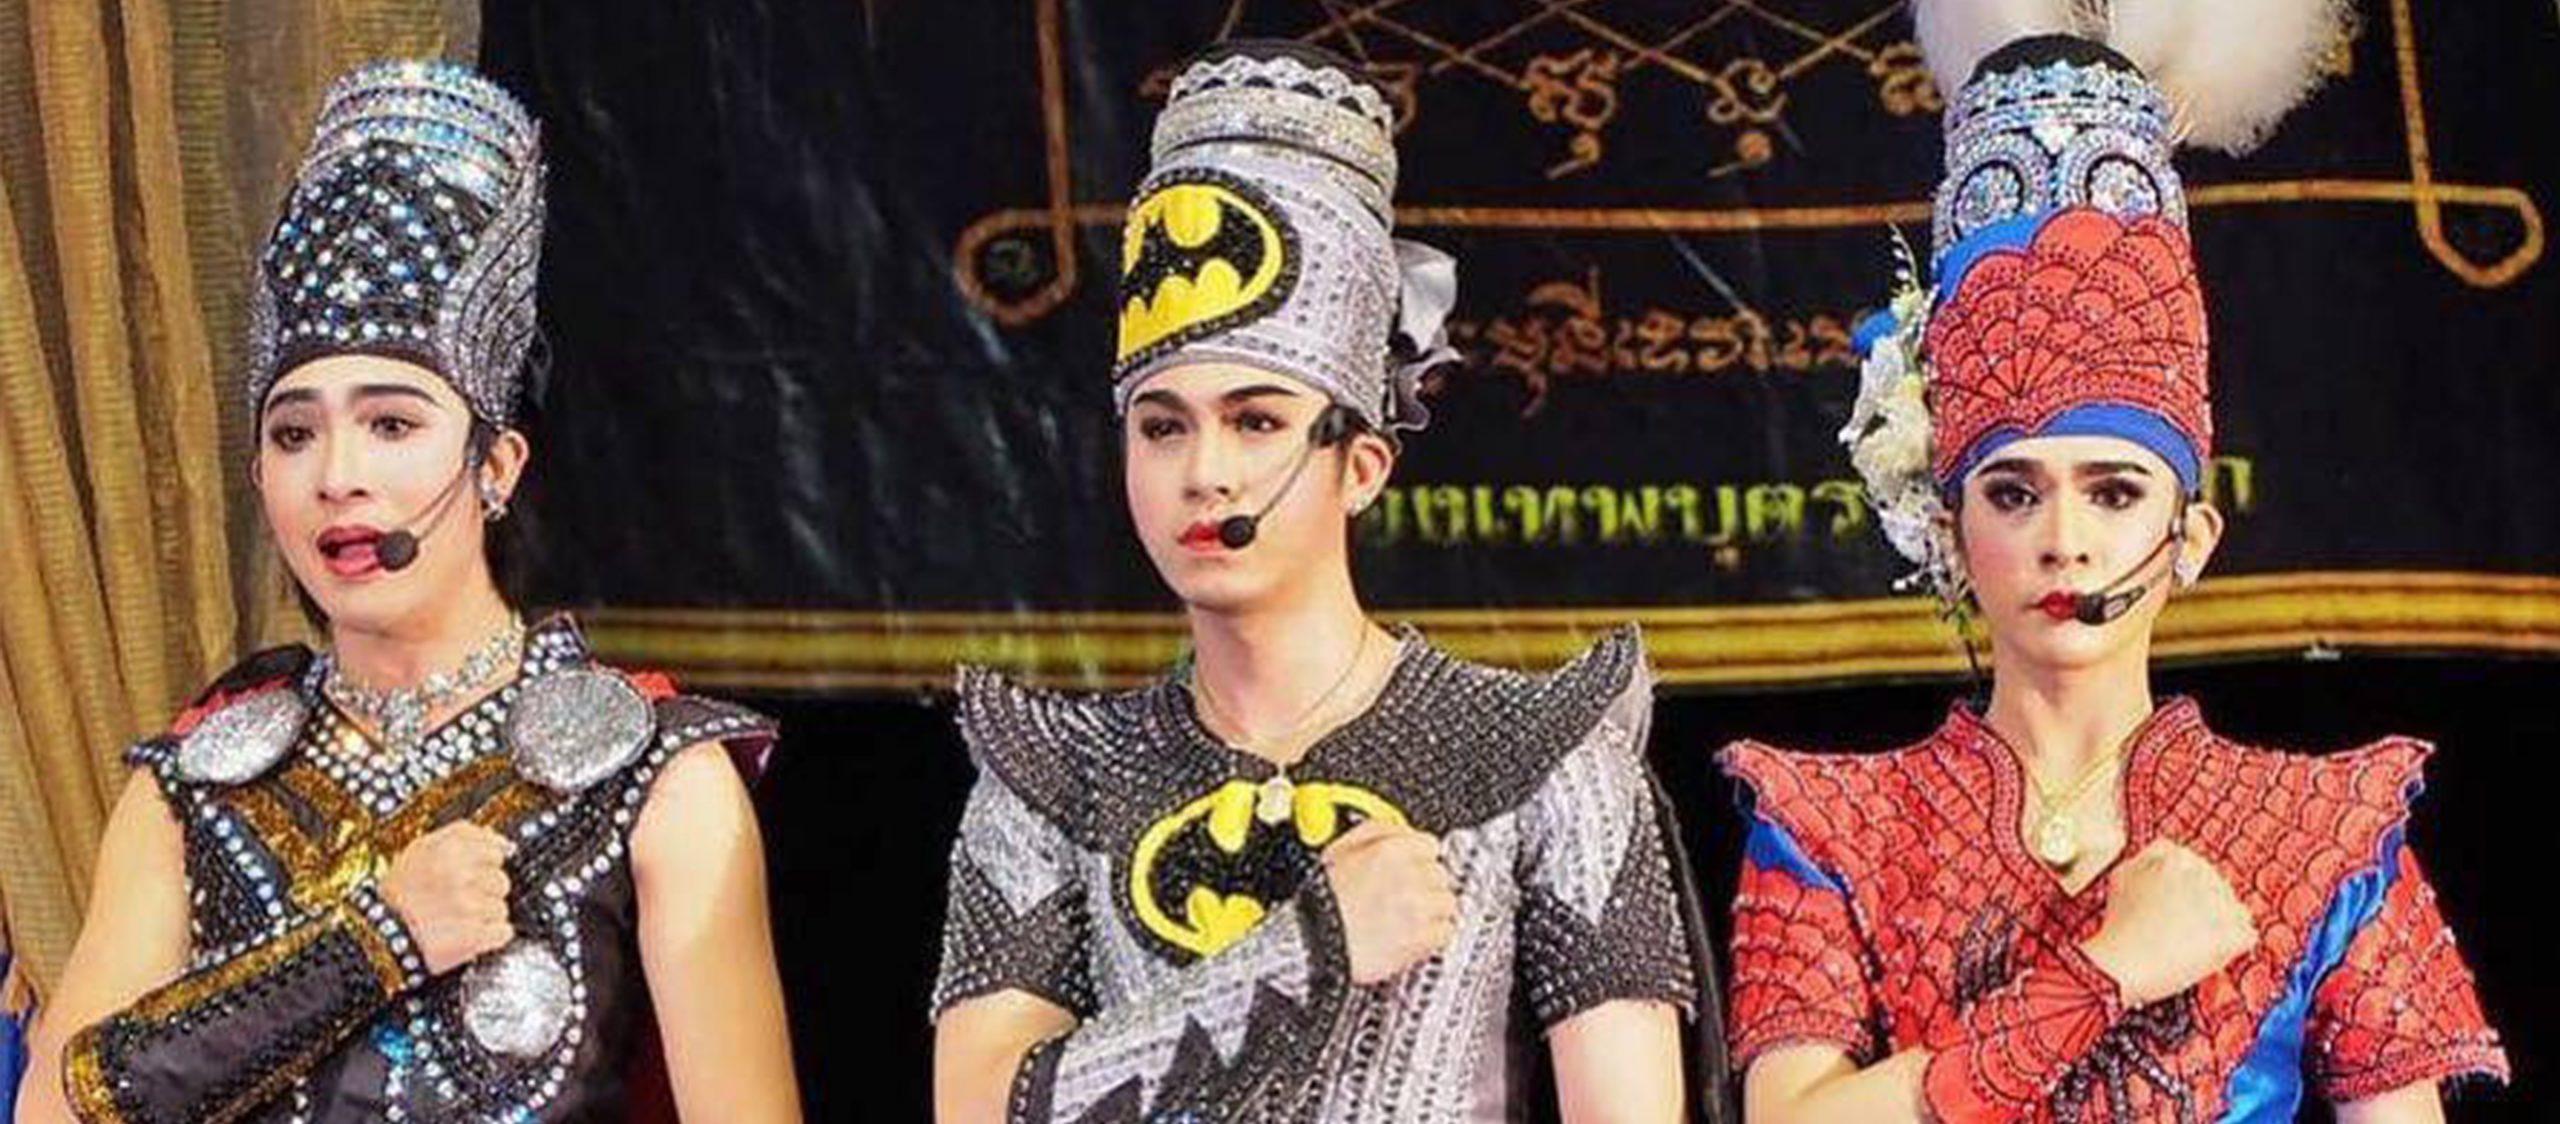 เมดอินไทยแลนด์ : archives : พฤษภาคม 2561